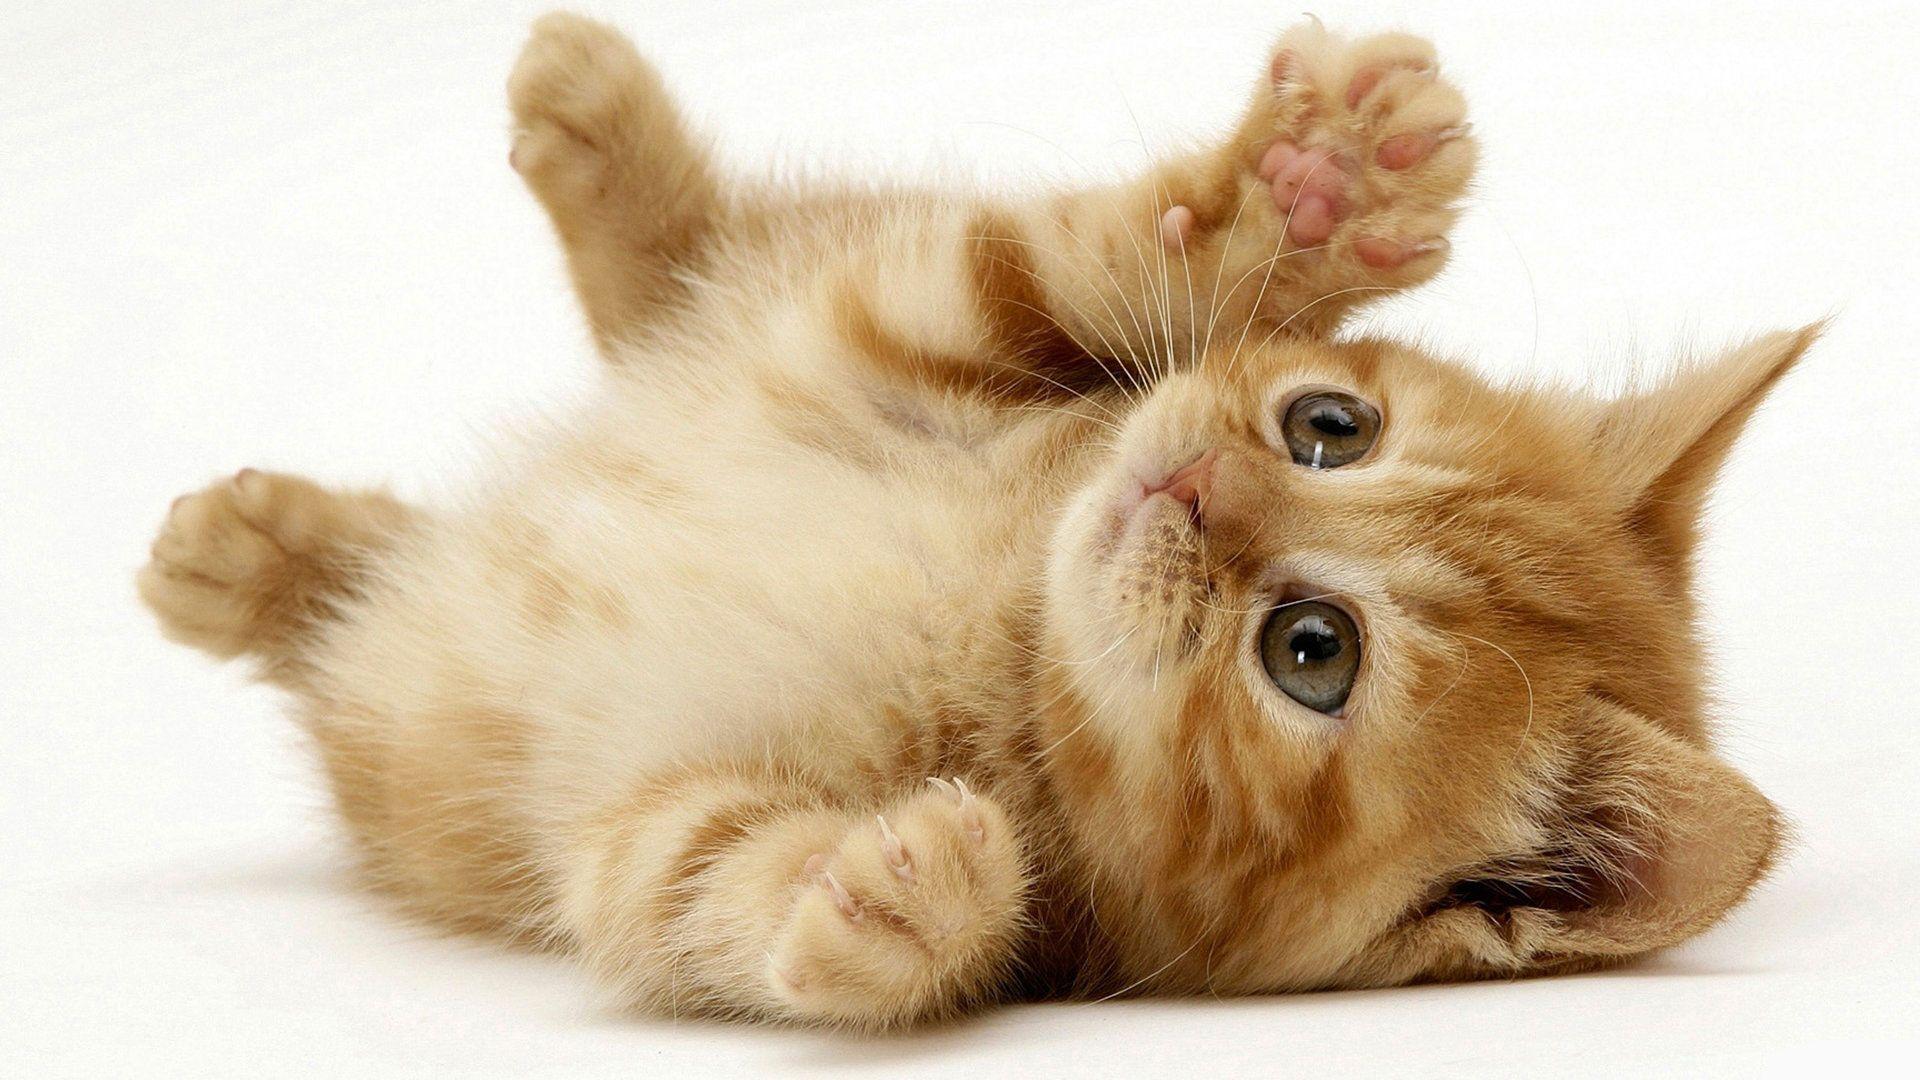 1920x1080 Cute Cats hình nền